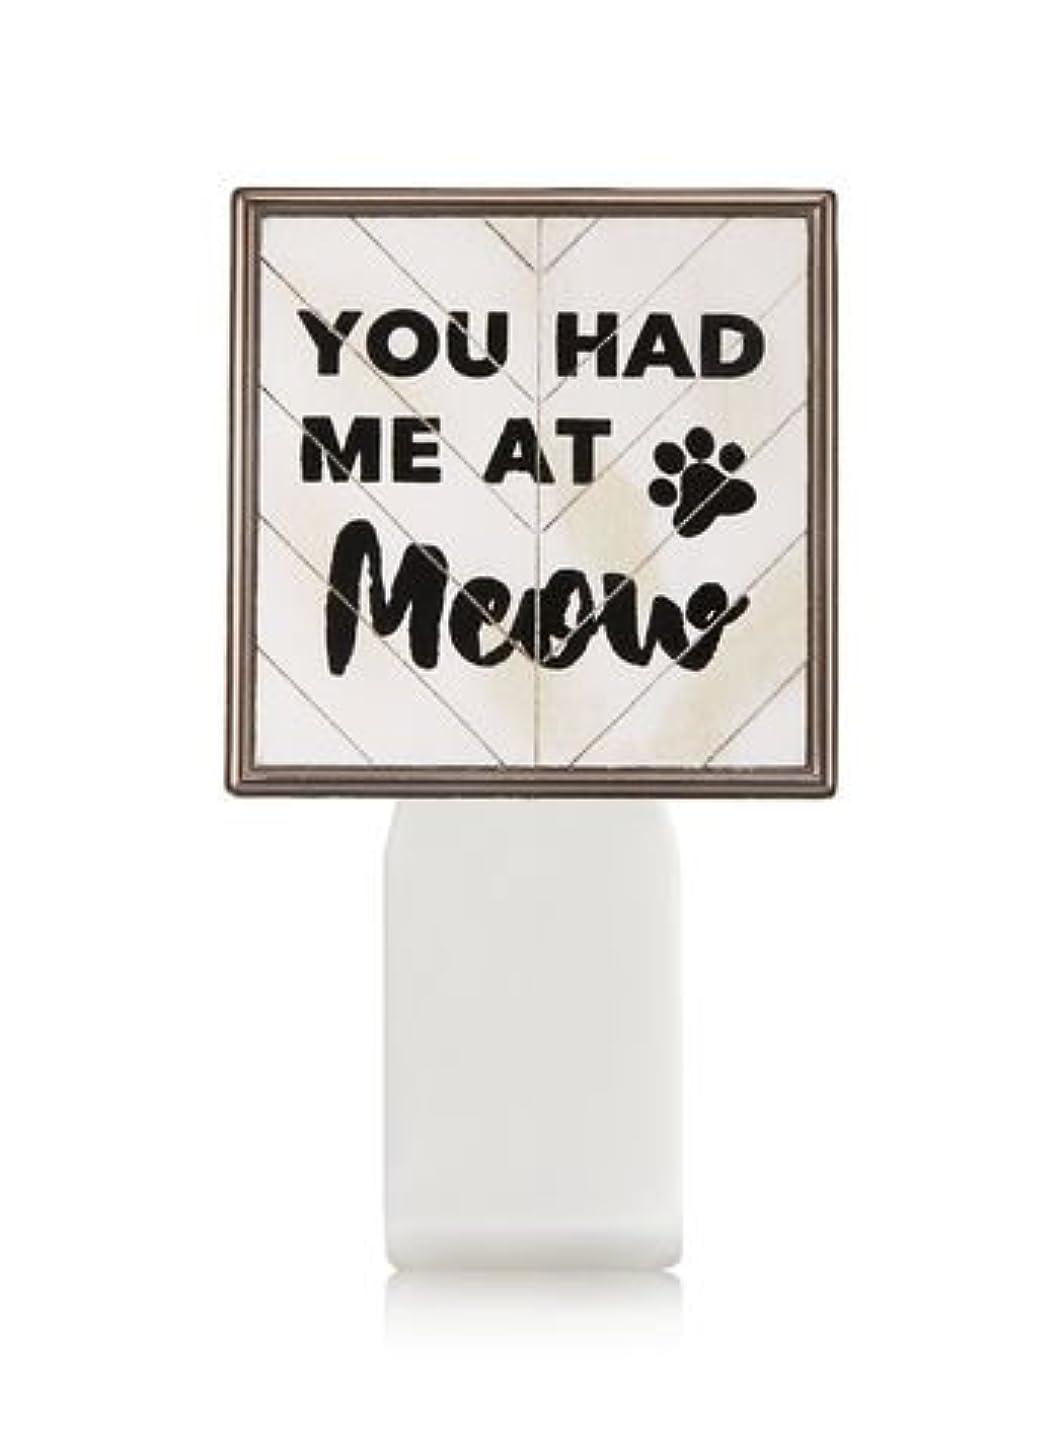 アーチ規定対抗【Bath&Body Works/バス&ボディワークス】 ルームフレグランス プラグインスターター (本体のみ) キャット シールド Wallflowers Fragrance Plug You Had Me At Meow...